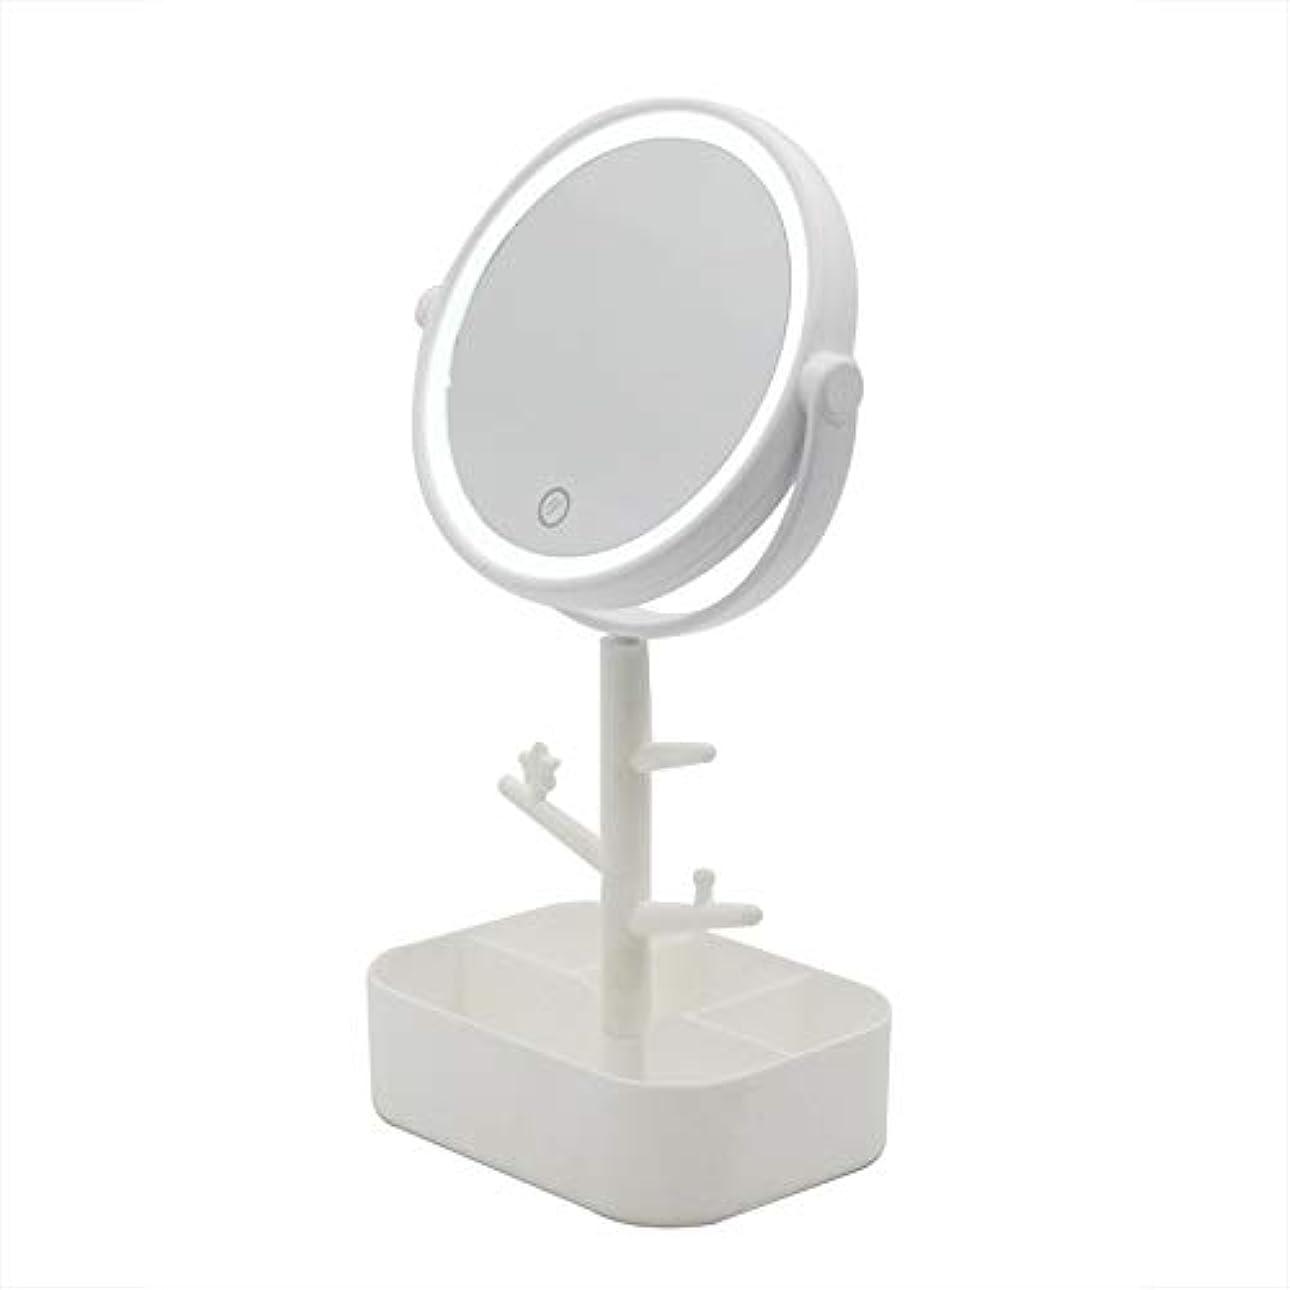 誓う発症またねLecone LED化粧鏡 女優ミラー 卓上ミラー 360度調整可能 スタンドミラー LEDライト メイク 化粧道具 円型 収納ケース 可収納 USB給電 (ホワイト)